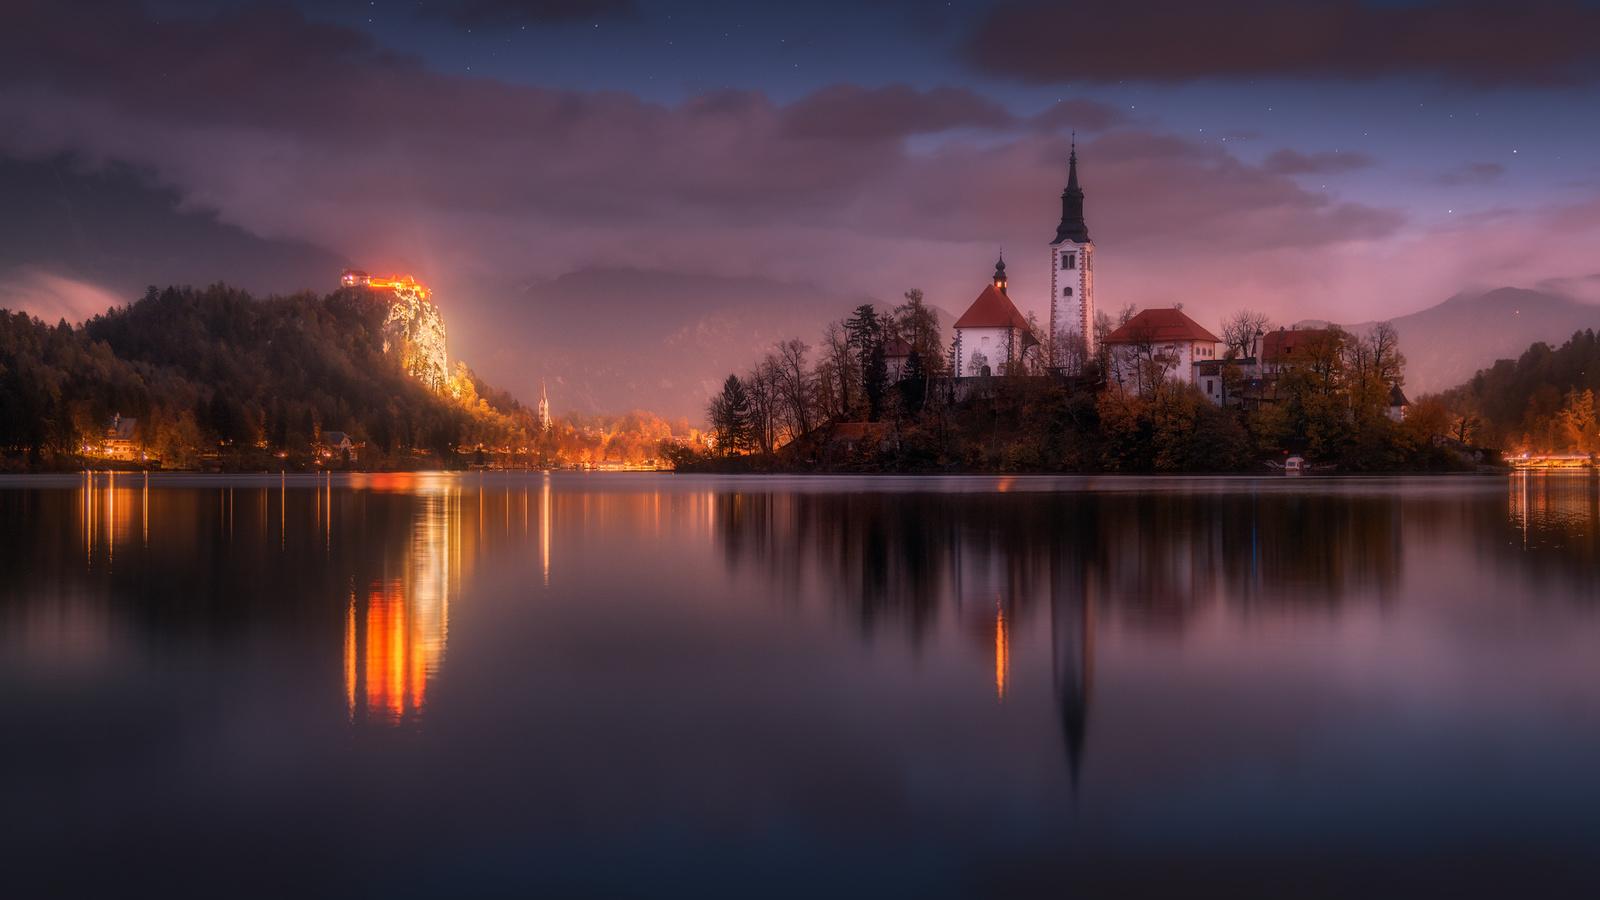 словения, природа, пейзаж, горы, озеро, блед, островок, бледское озеро, церковь, ночь, освещение